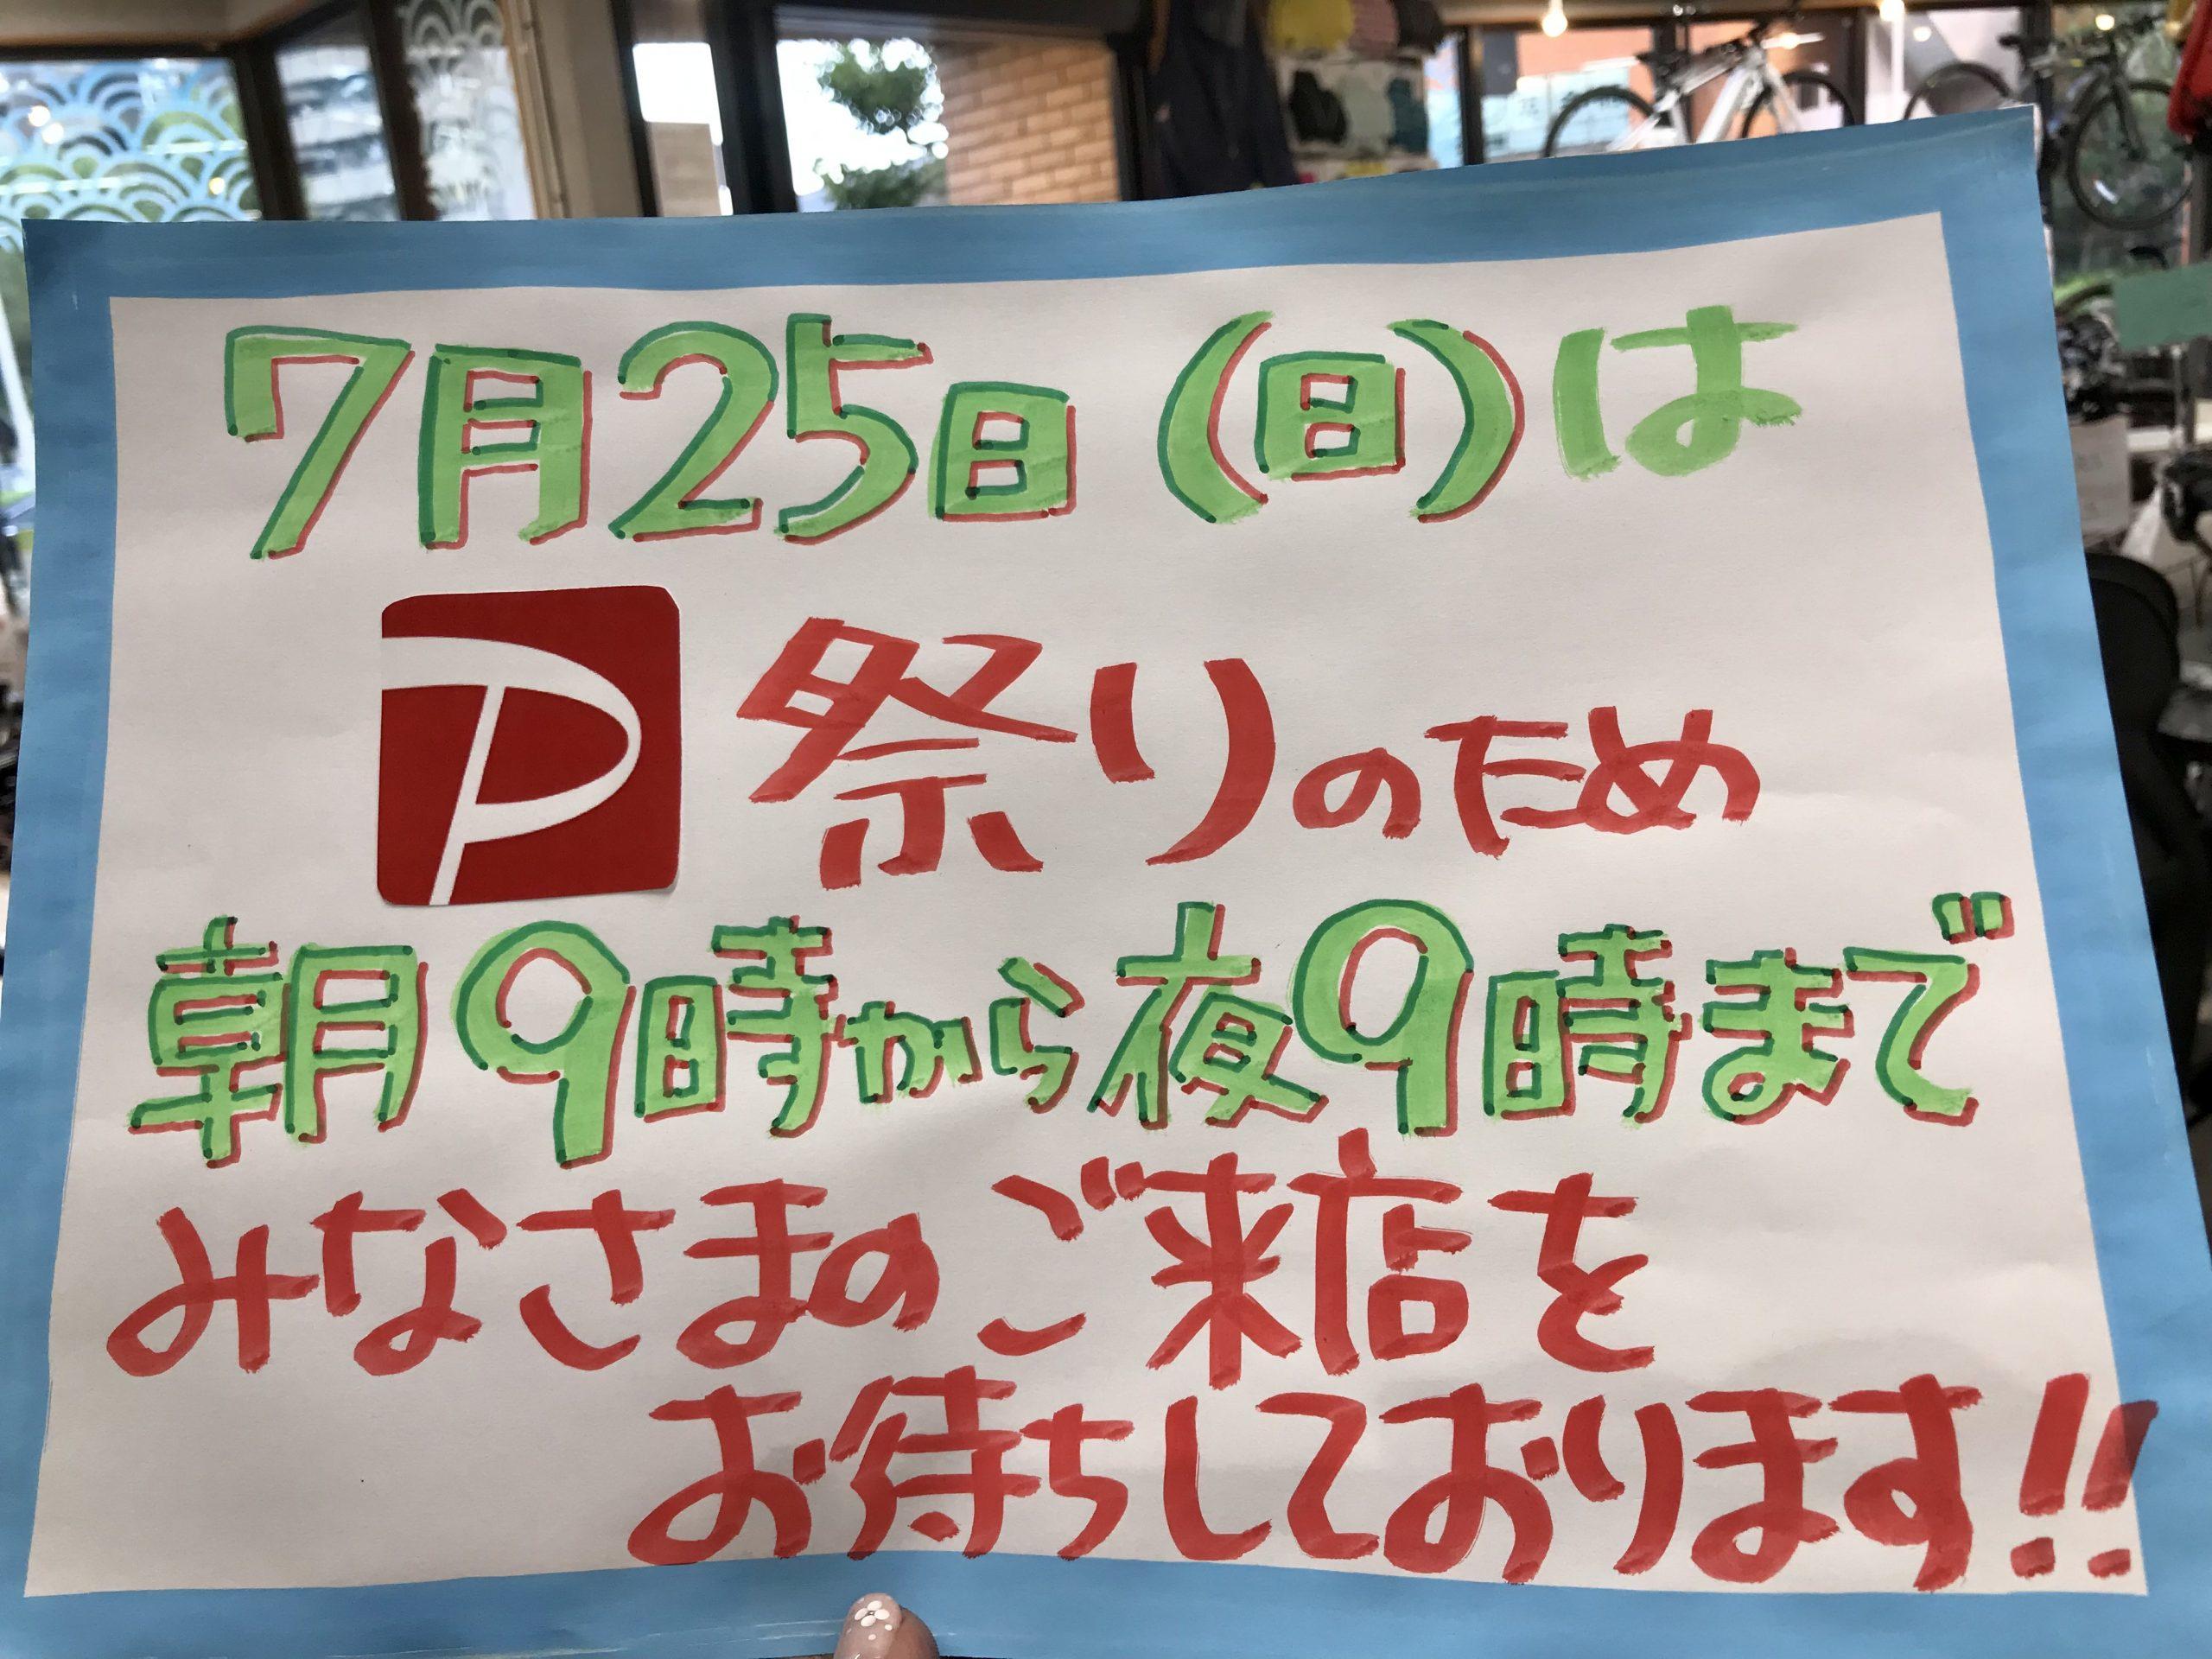 【大井町店】7月25日は営業時間拡大です!